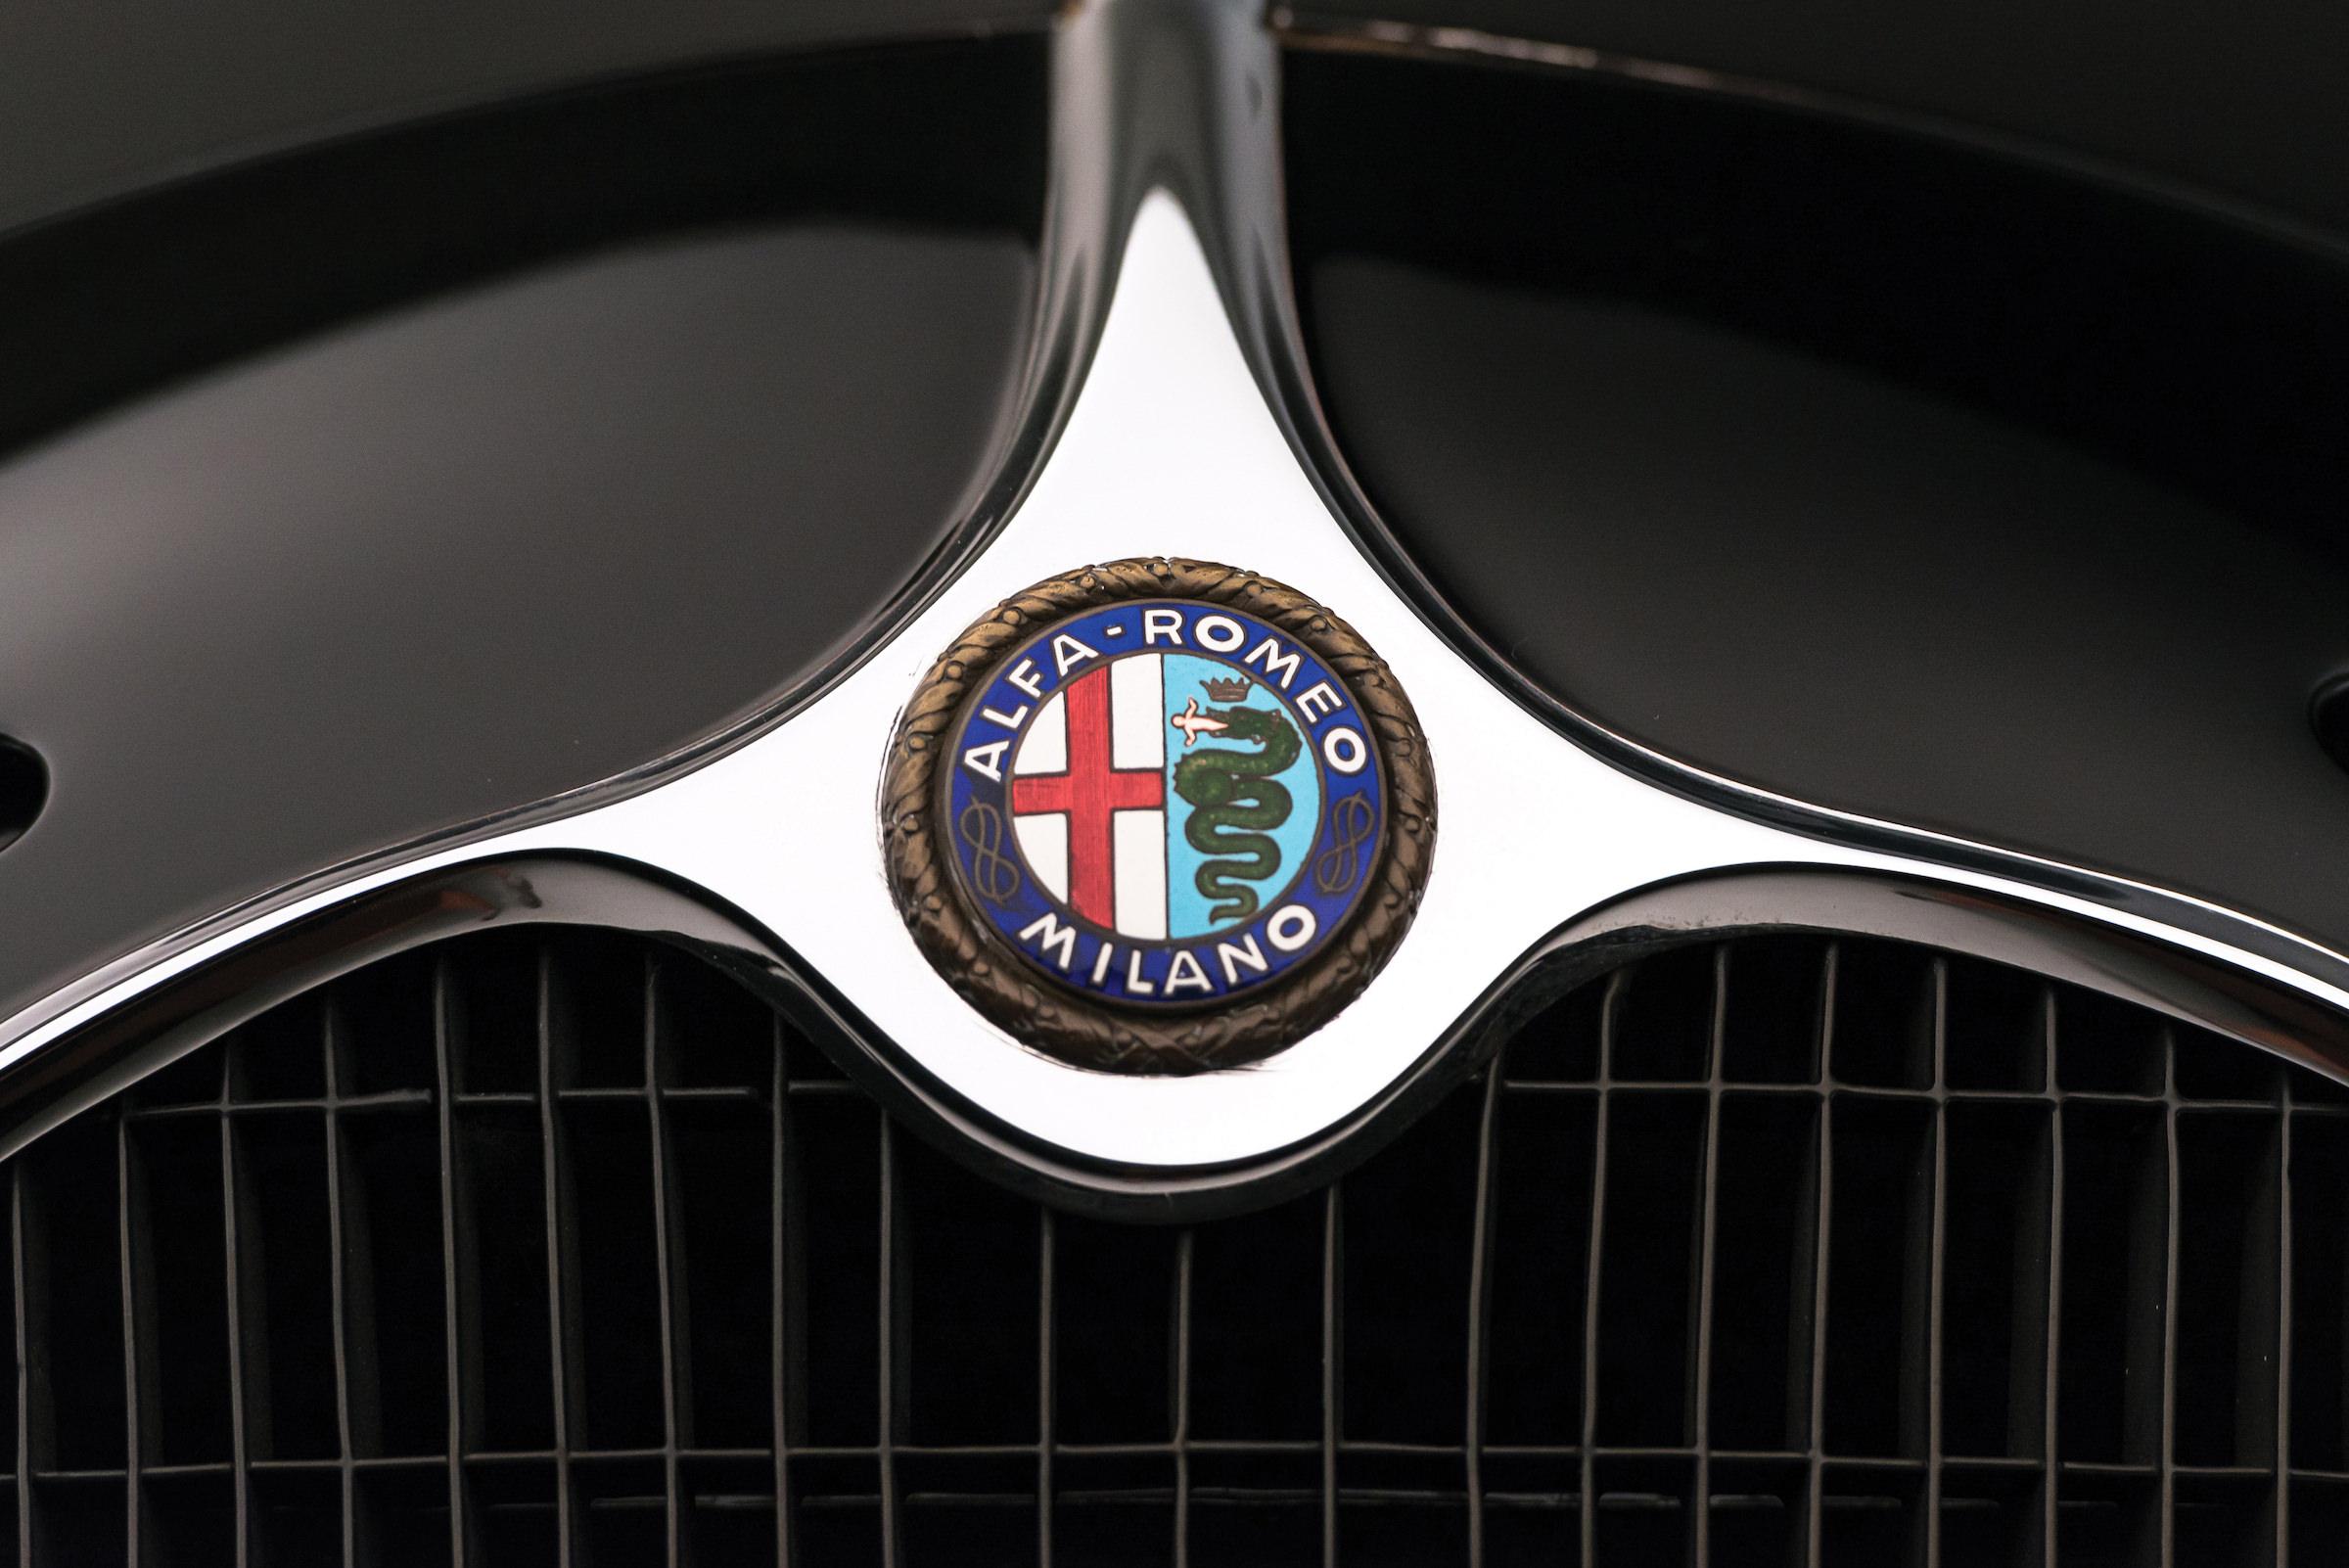 1942 Alfa Romeo 6c 2500 Ss Spider Engine Diagram